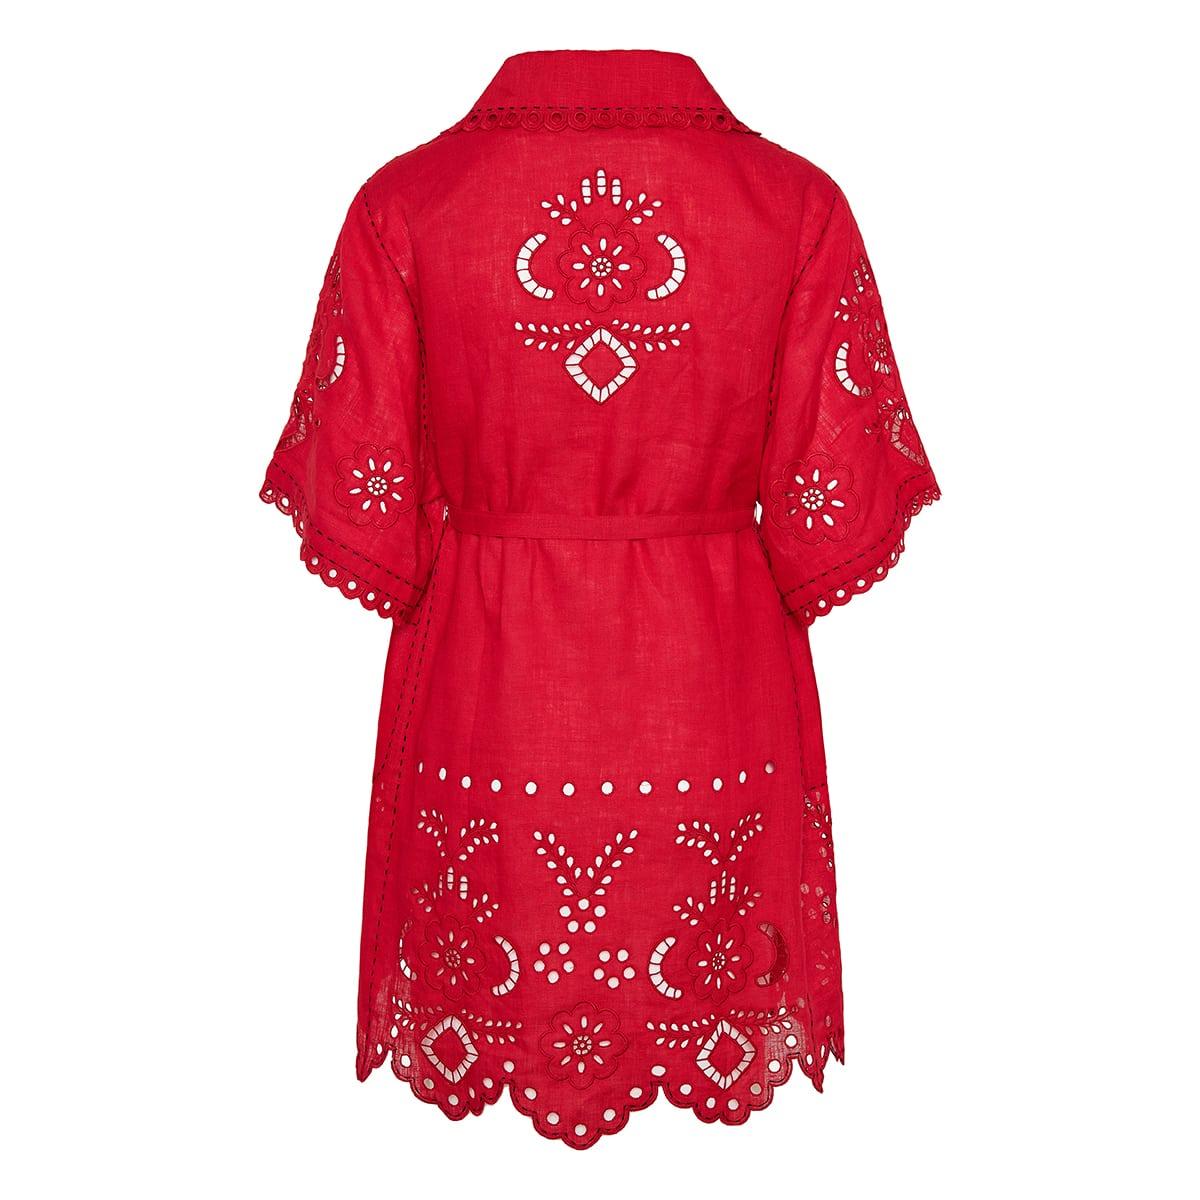 Charlotte broderie-anglaise short linen dress